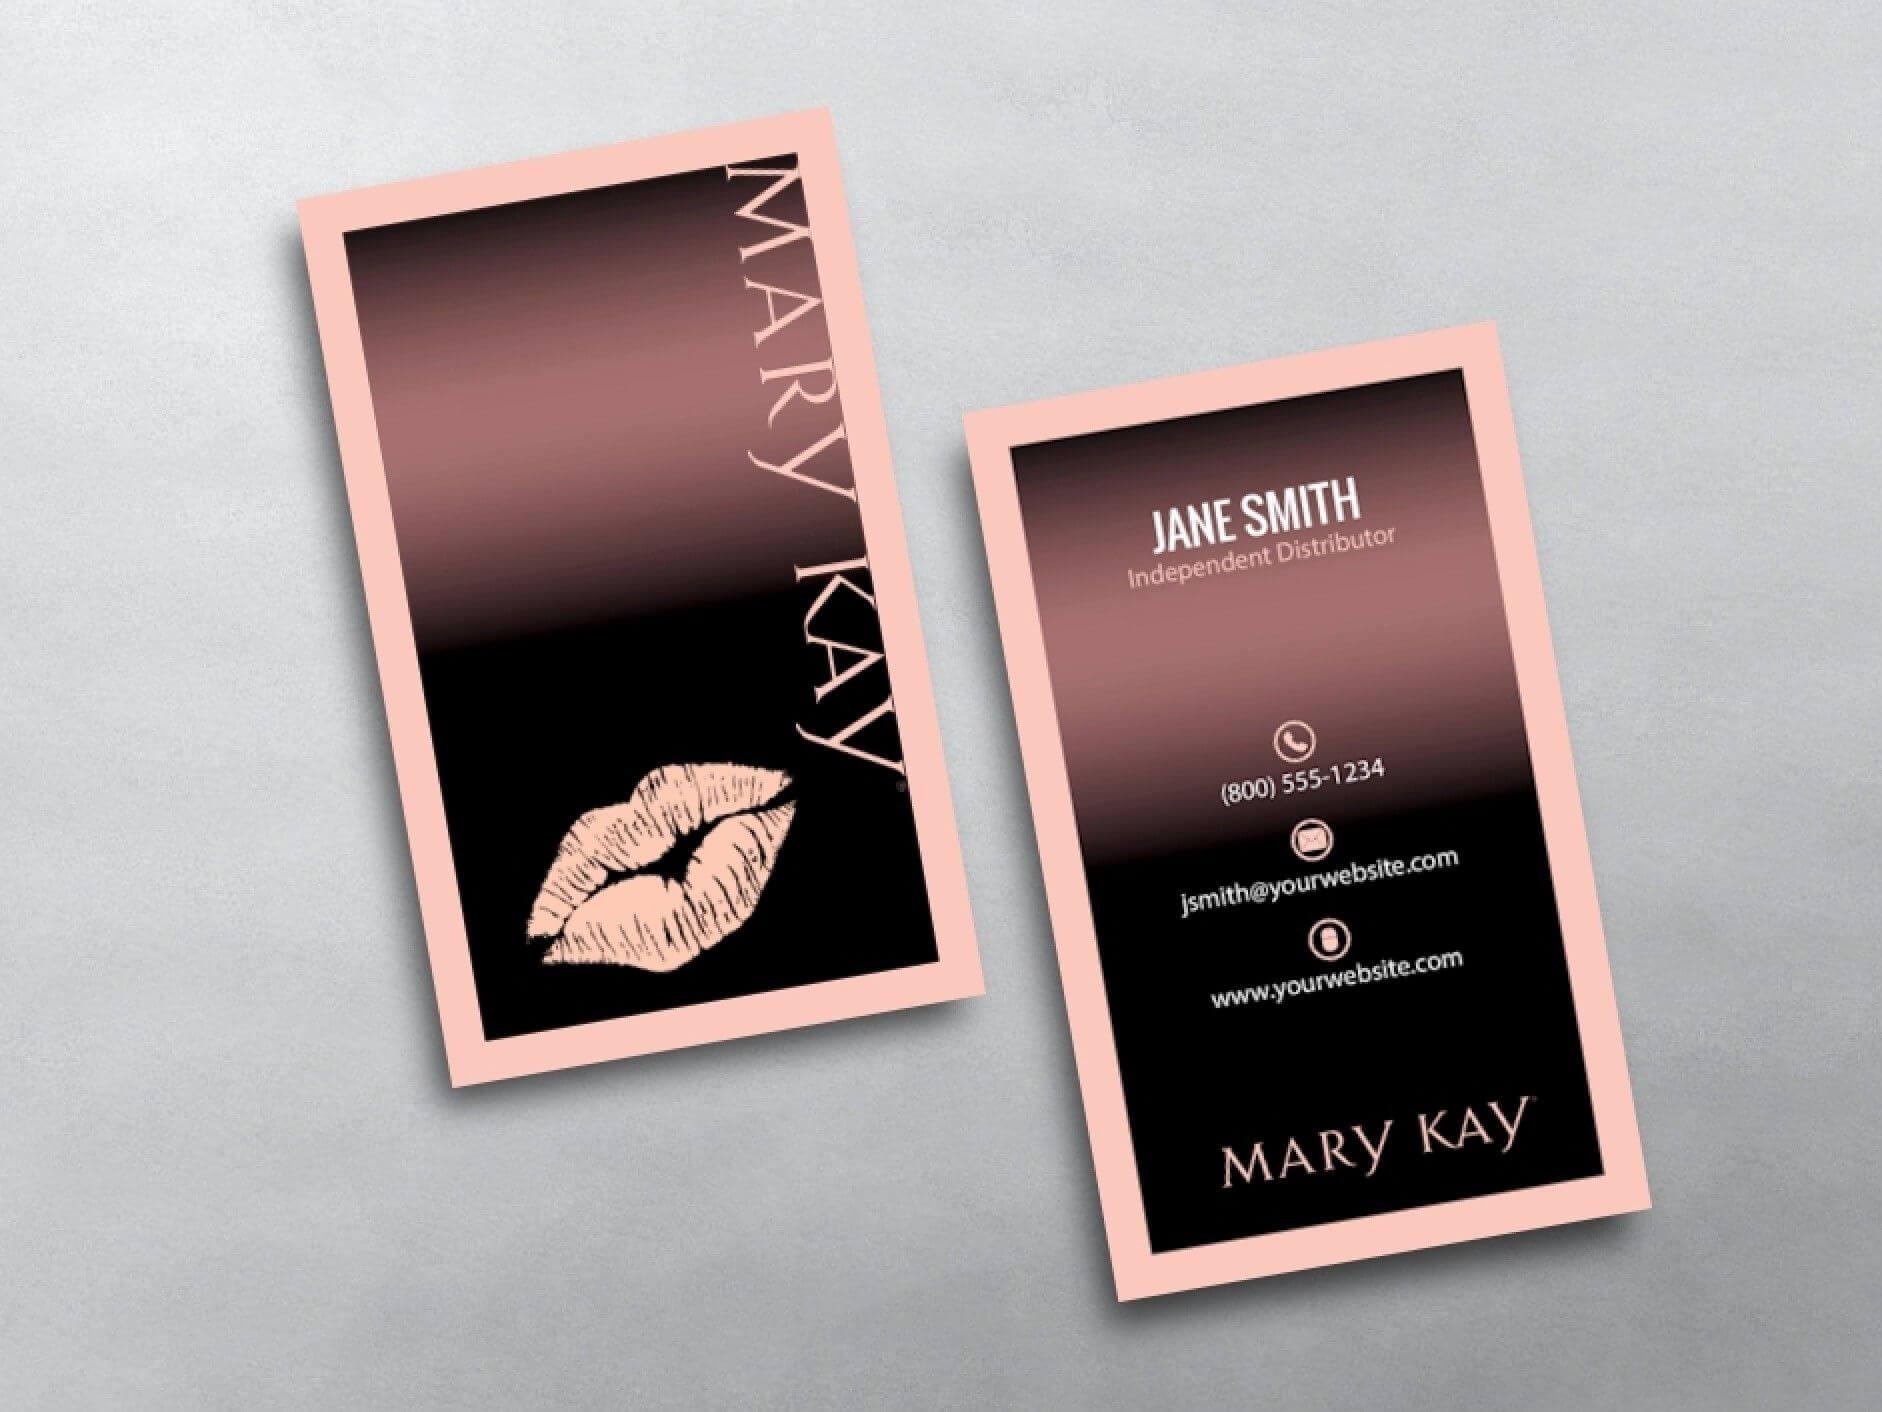 Mary Kay Business Cards In 2019 | Mary Kay, Mary Kay with Mary Kay Business Cards Templates Free